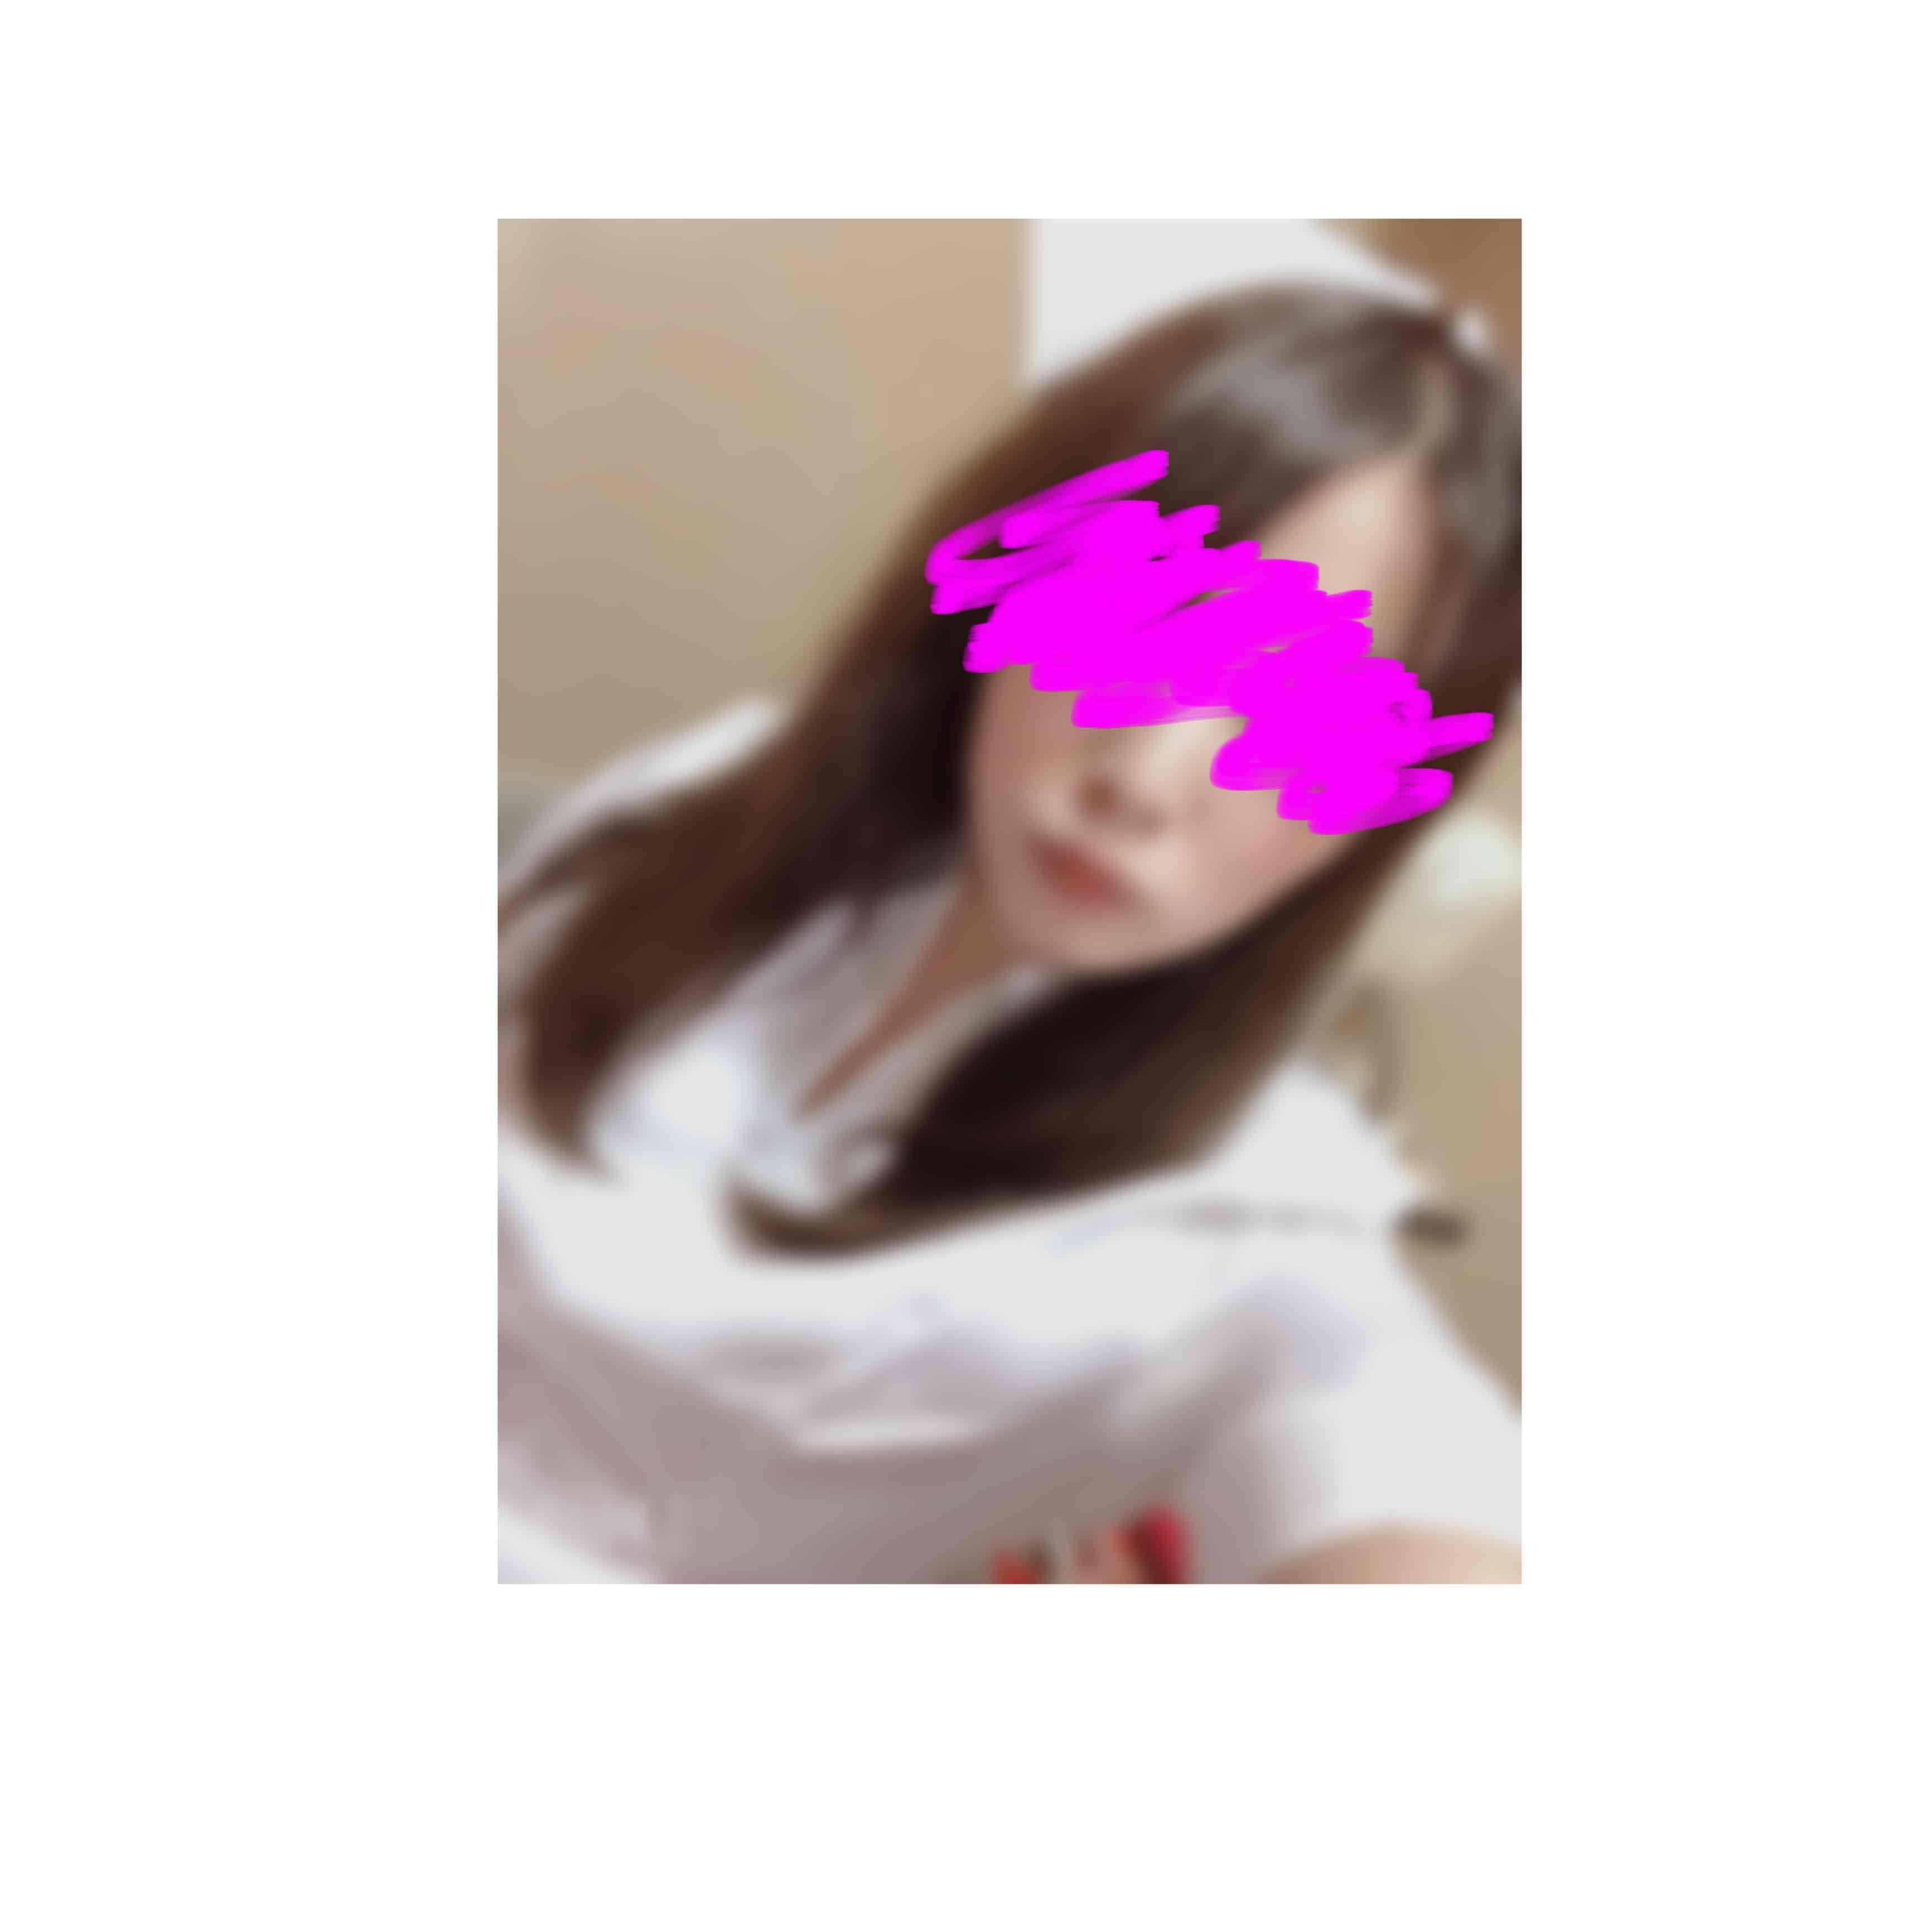 「ナースです( ˆᴗˆ )」10/23日(金) 16:59 | ありすの写メ・風俗動画